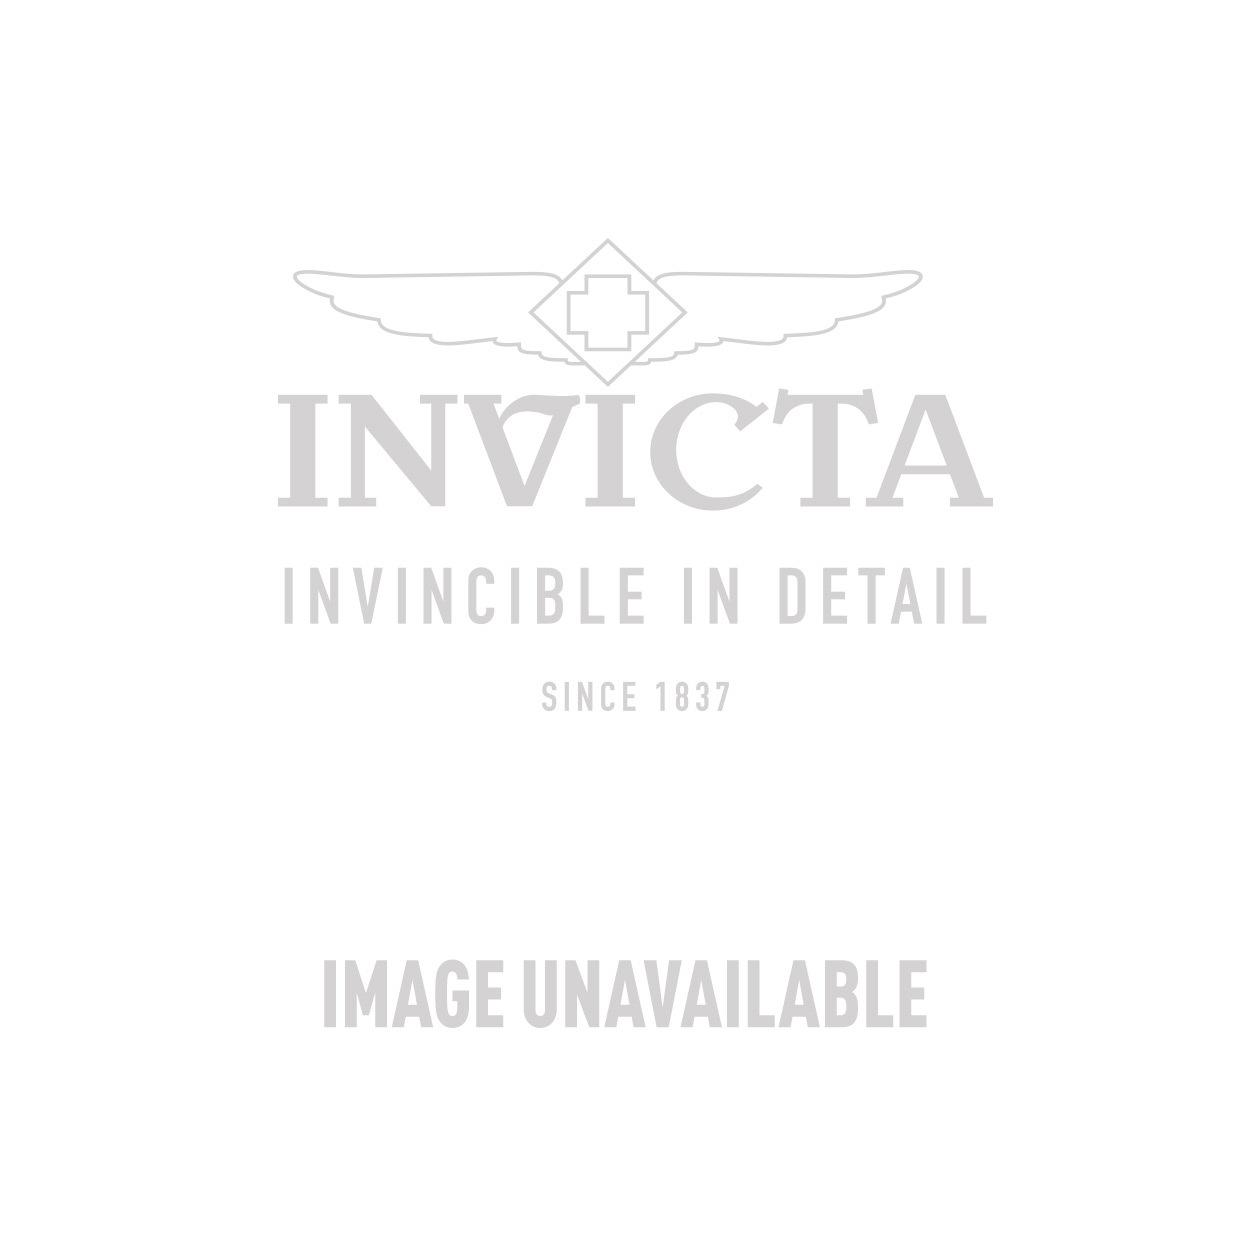 Invicta Model 24736